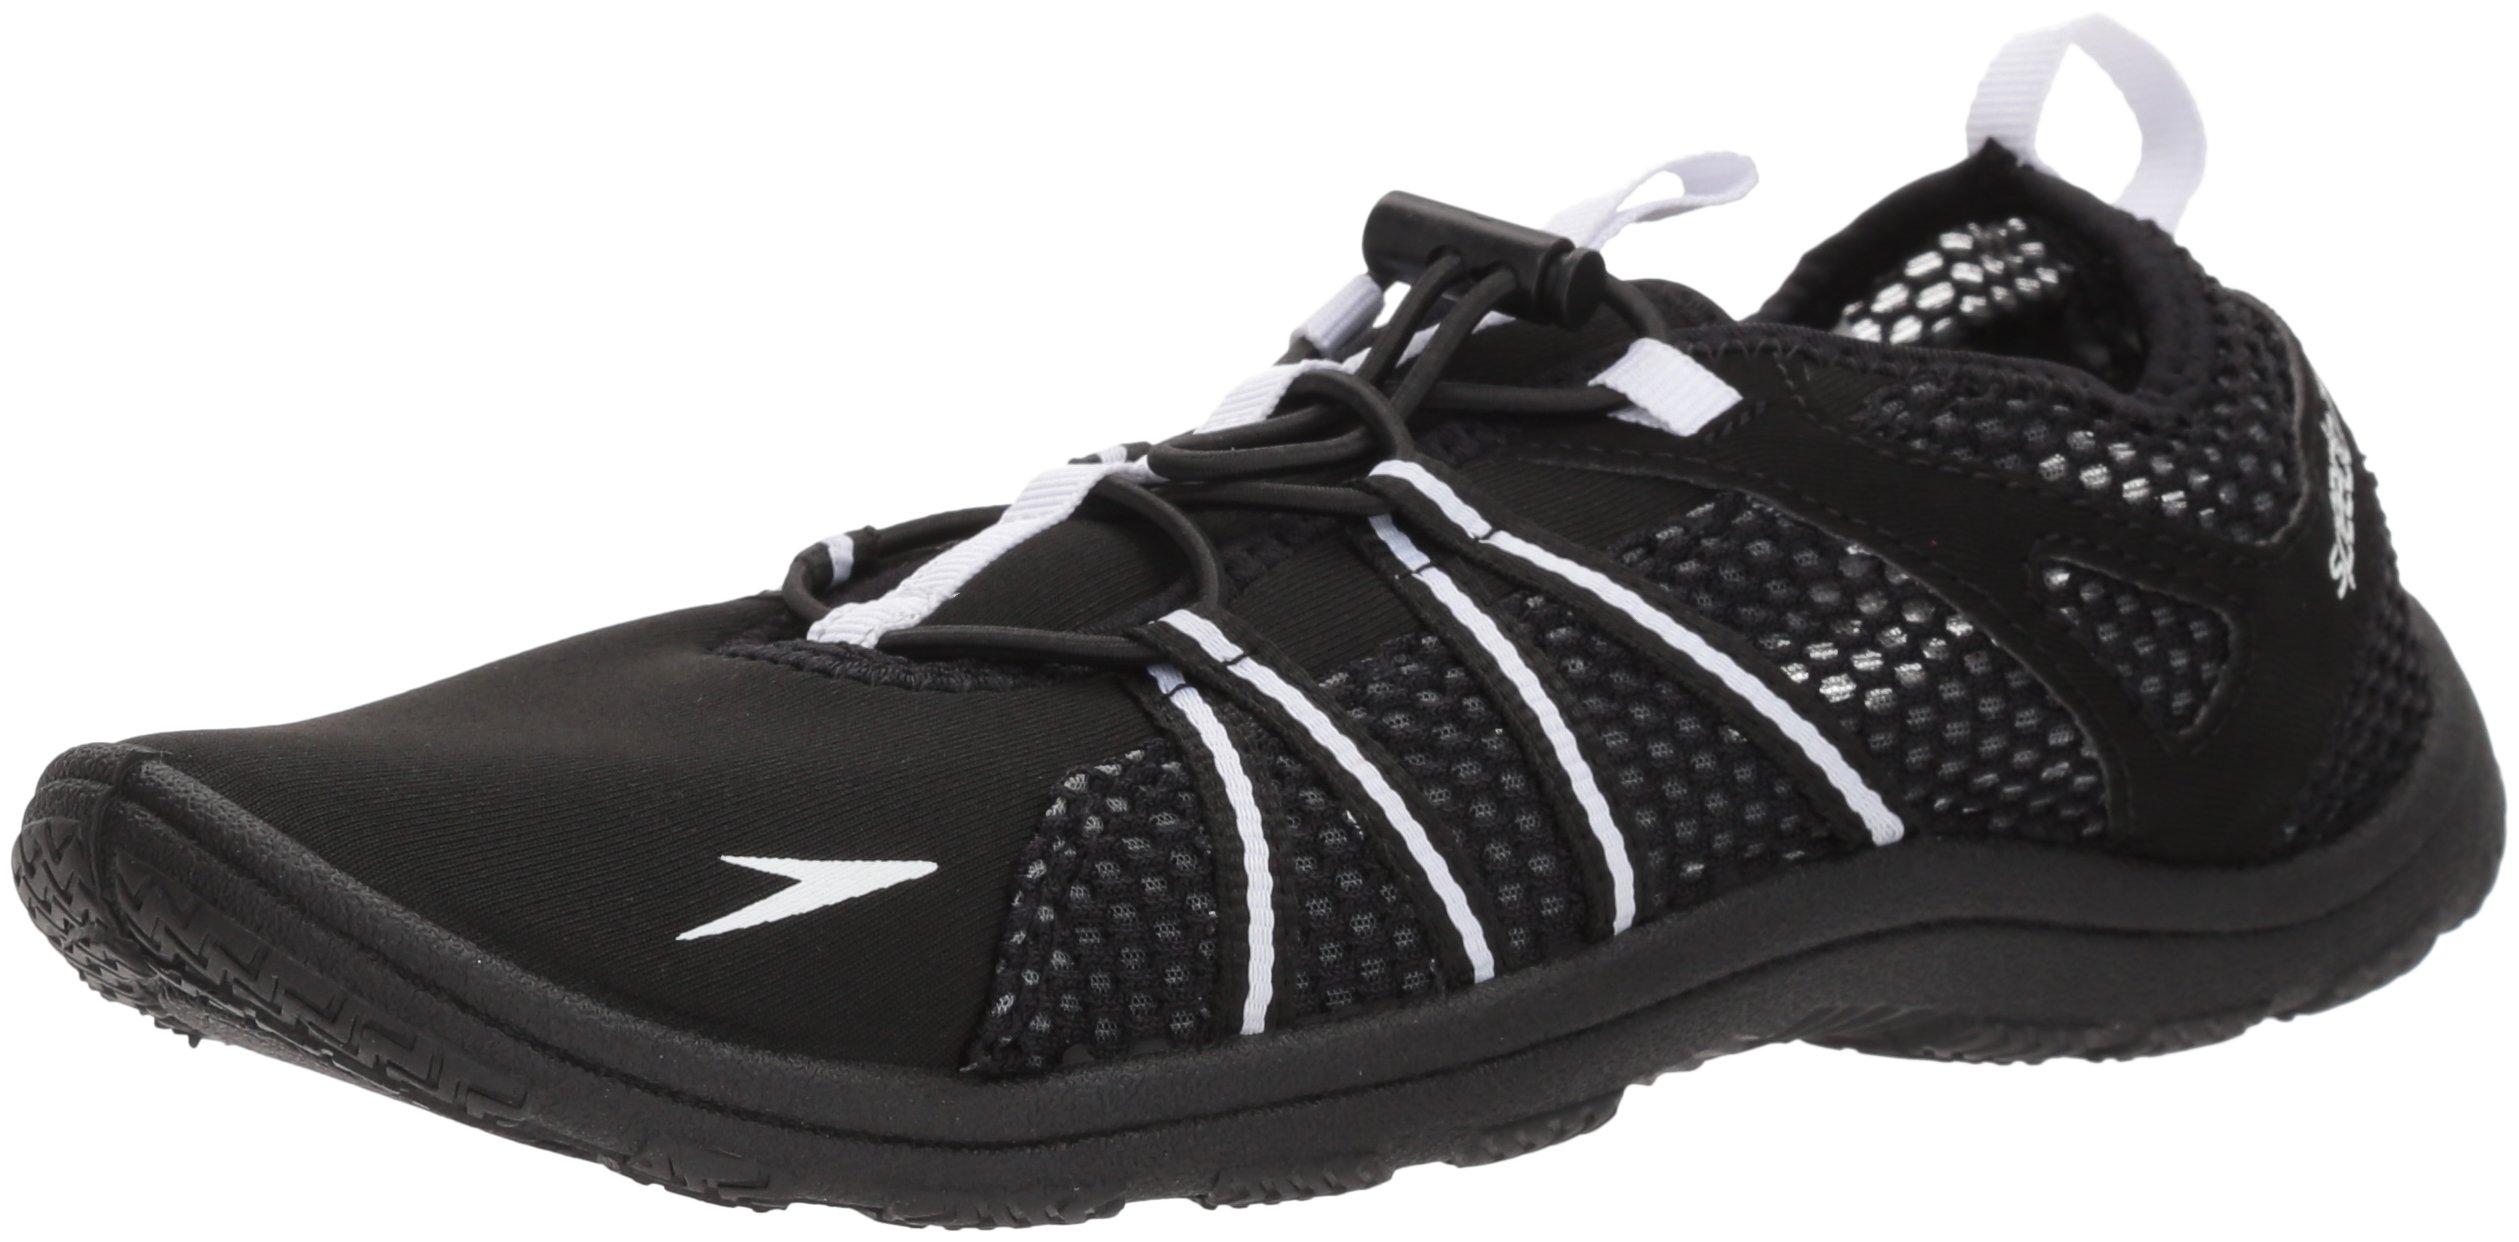 Speedo Women's Seaside Lace Water Shoe, Black/White, 9 C/D US